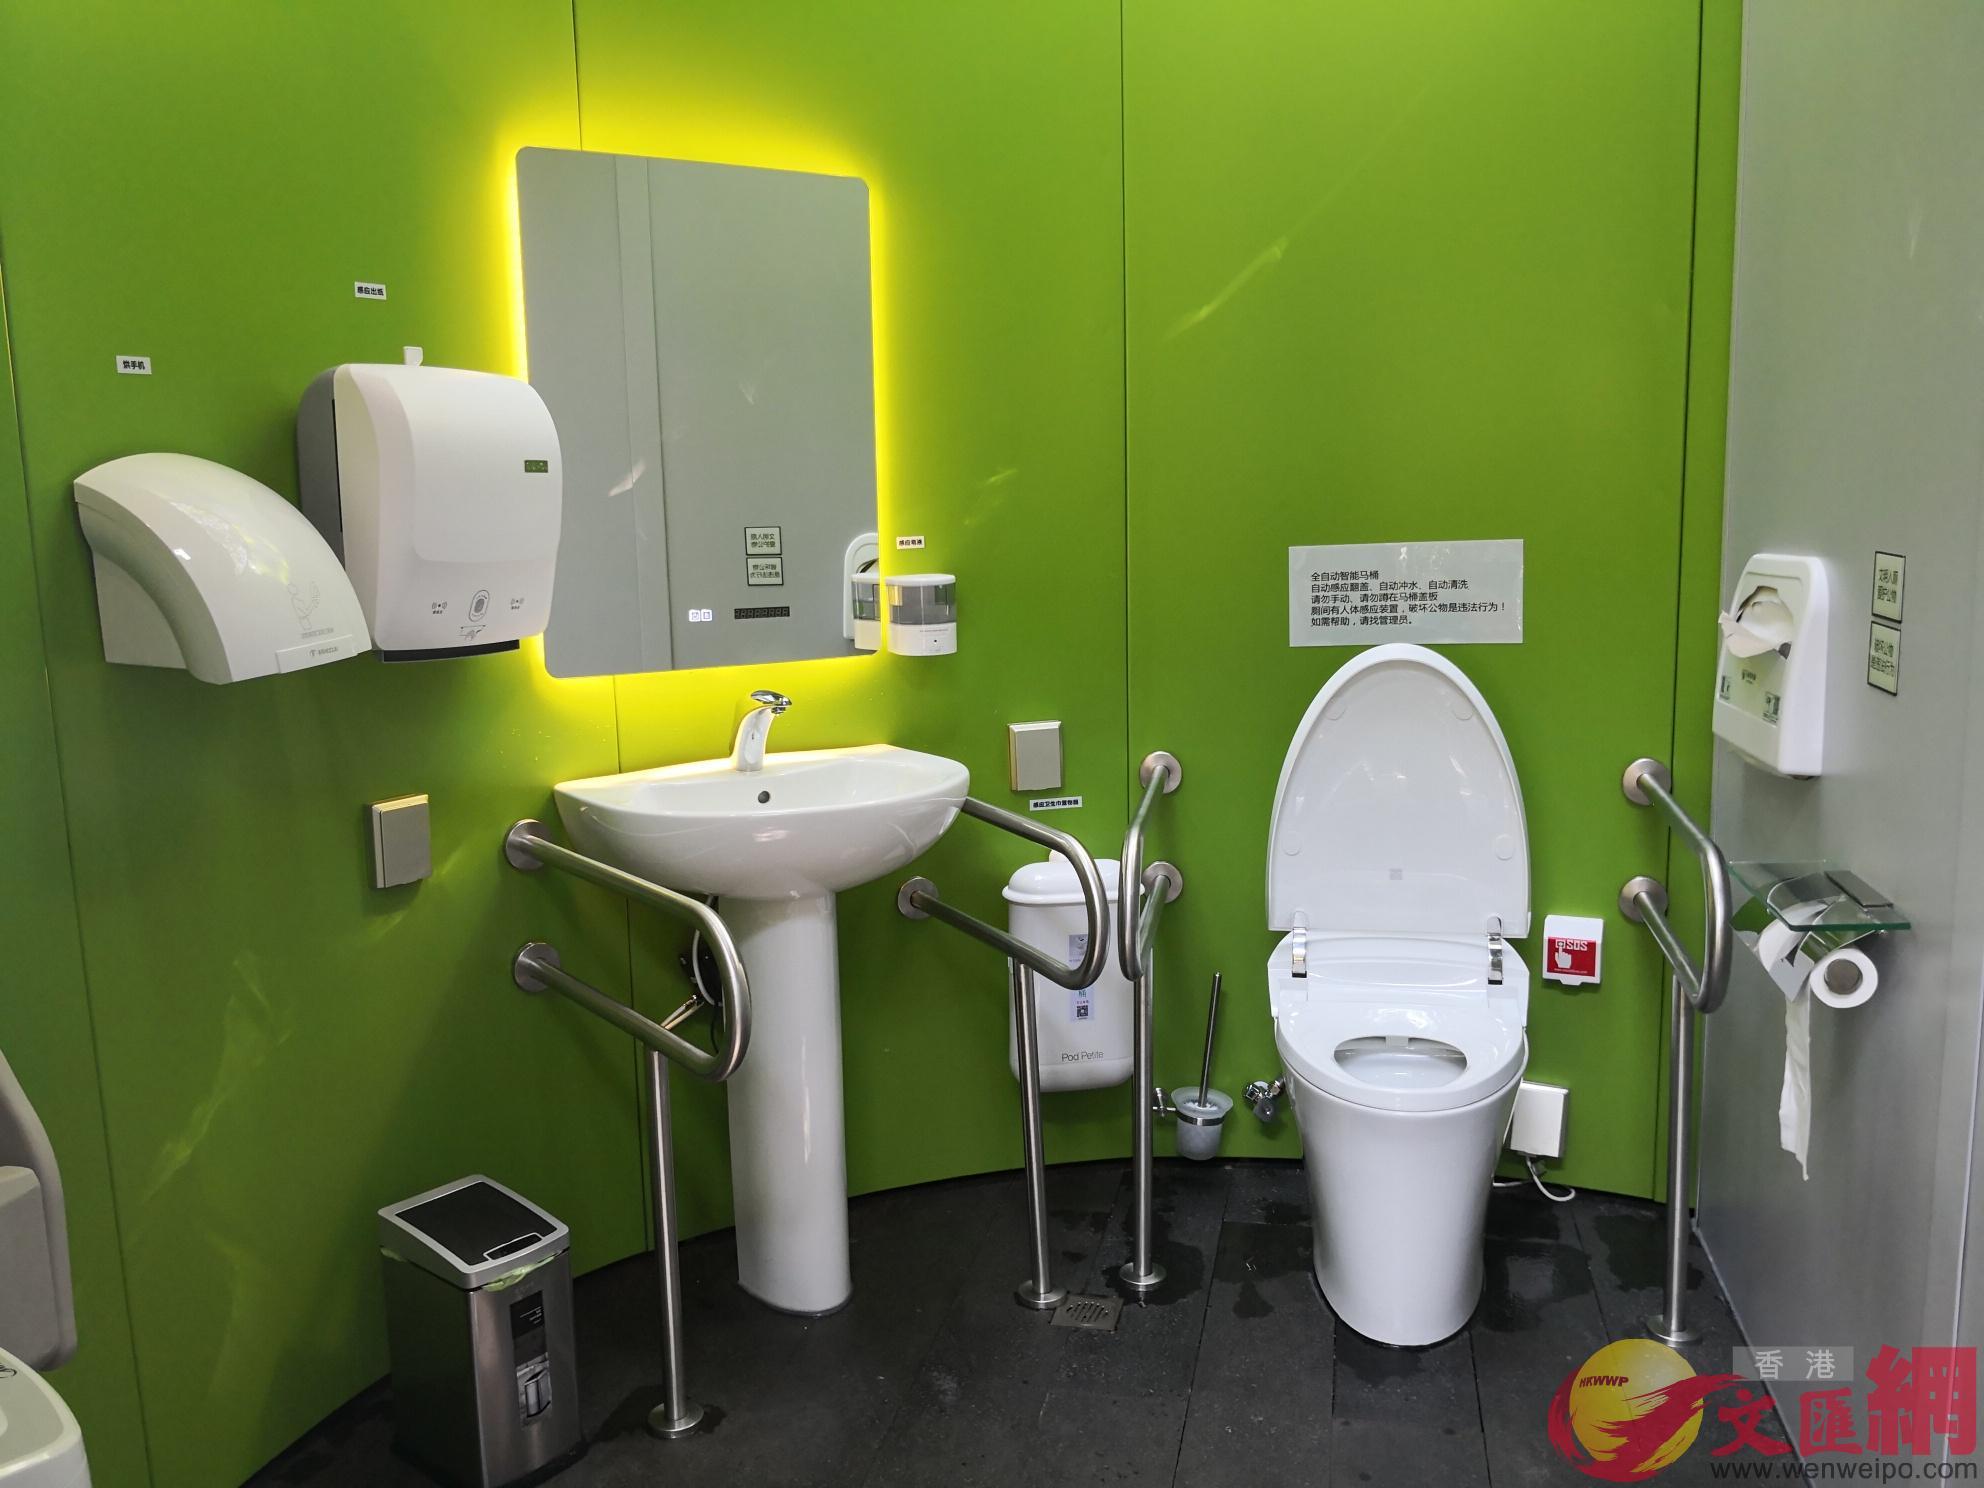 無障礙廁所科技含量十足(記者 郭若溪 攝)